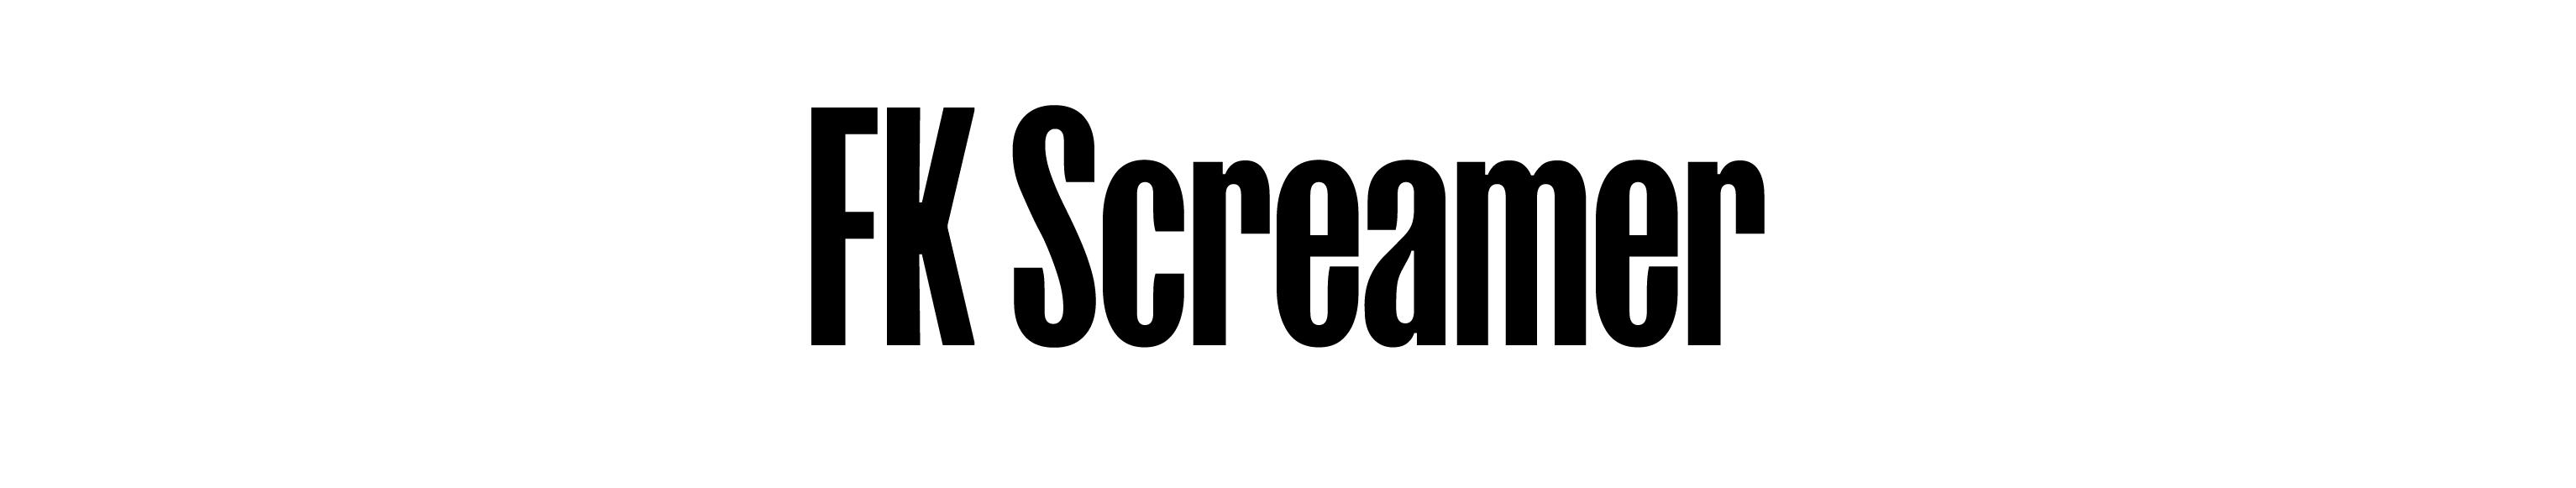 FK Screamer